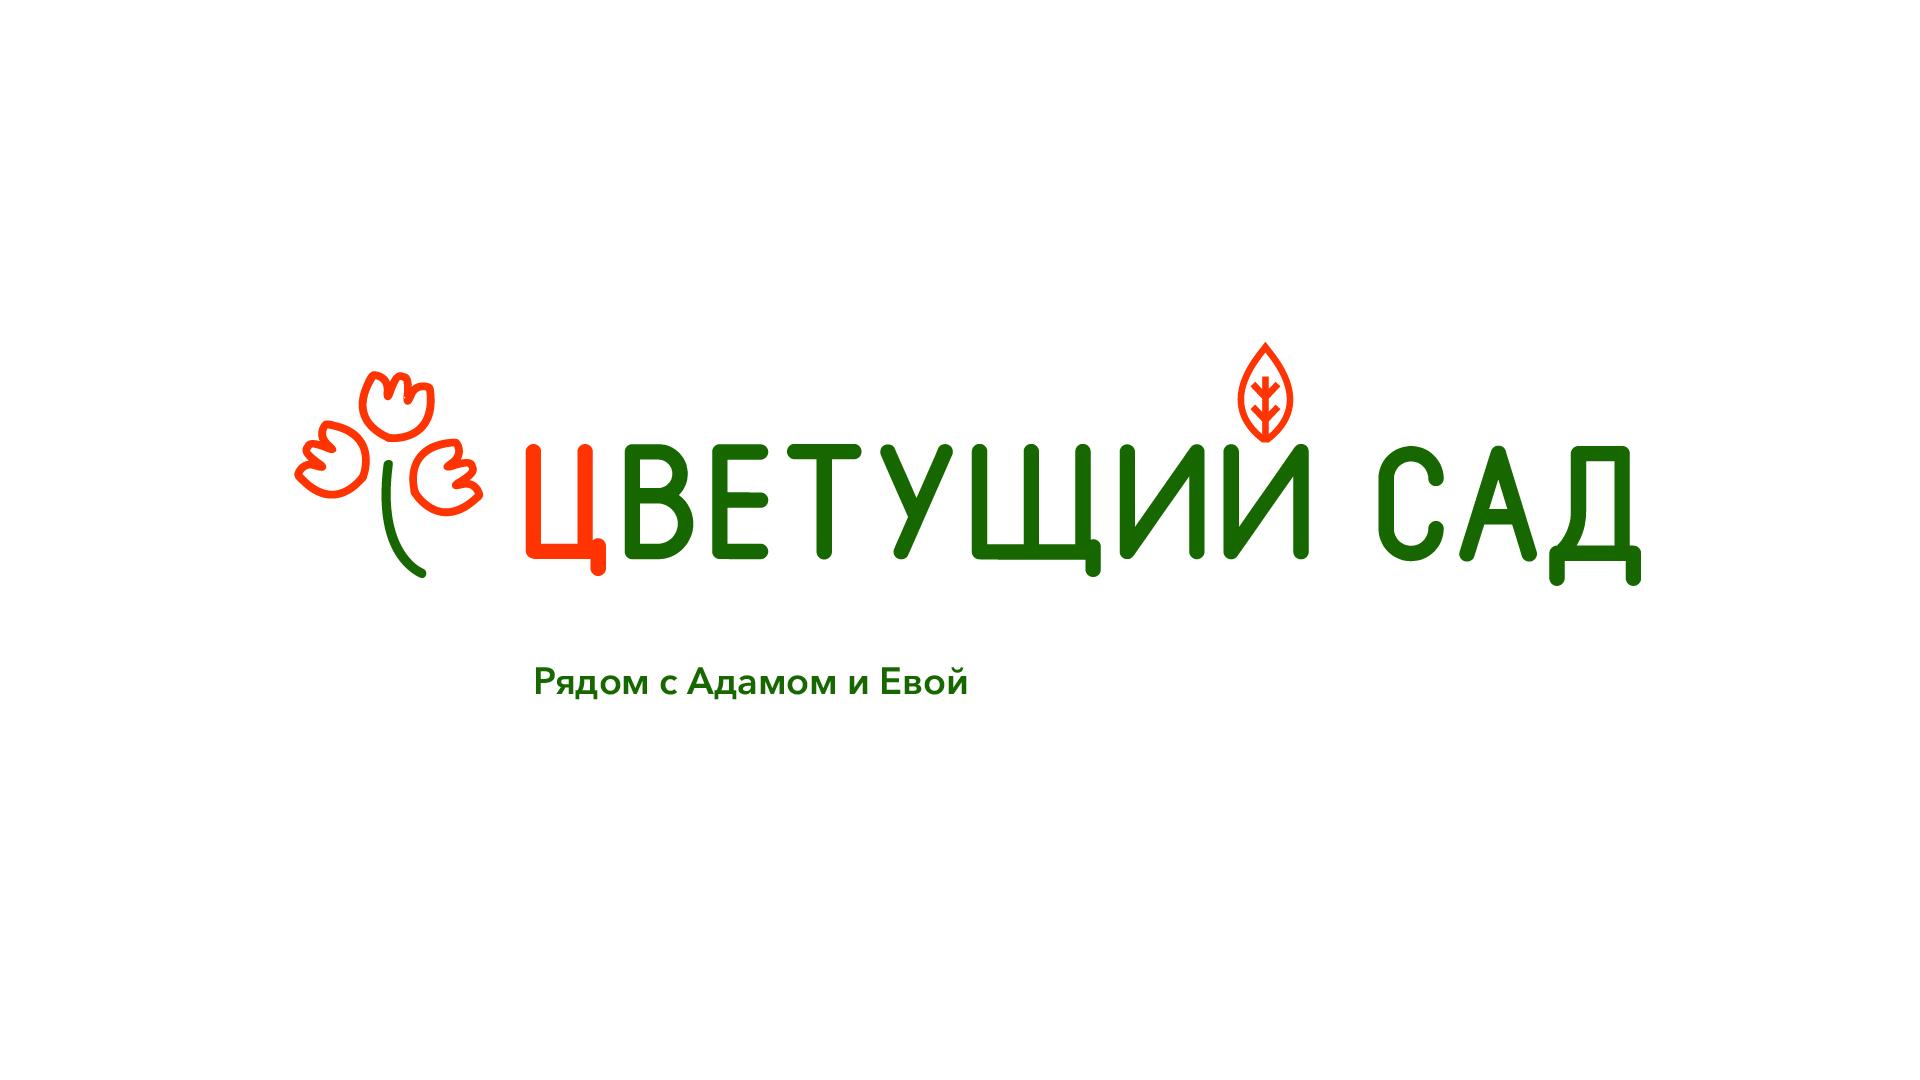 """Логотип для компании """"Цветущий сад"""" фото f_0885b69e1d2a0b56.jpg"""